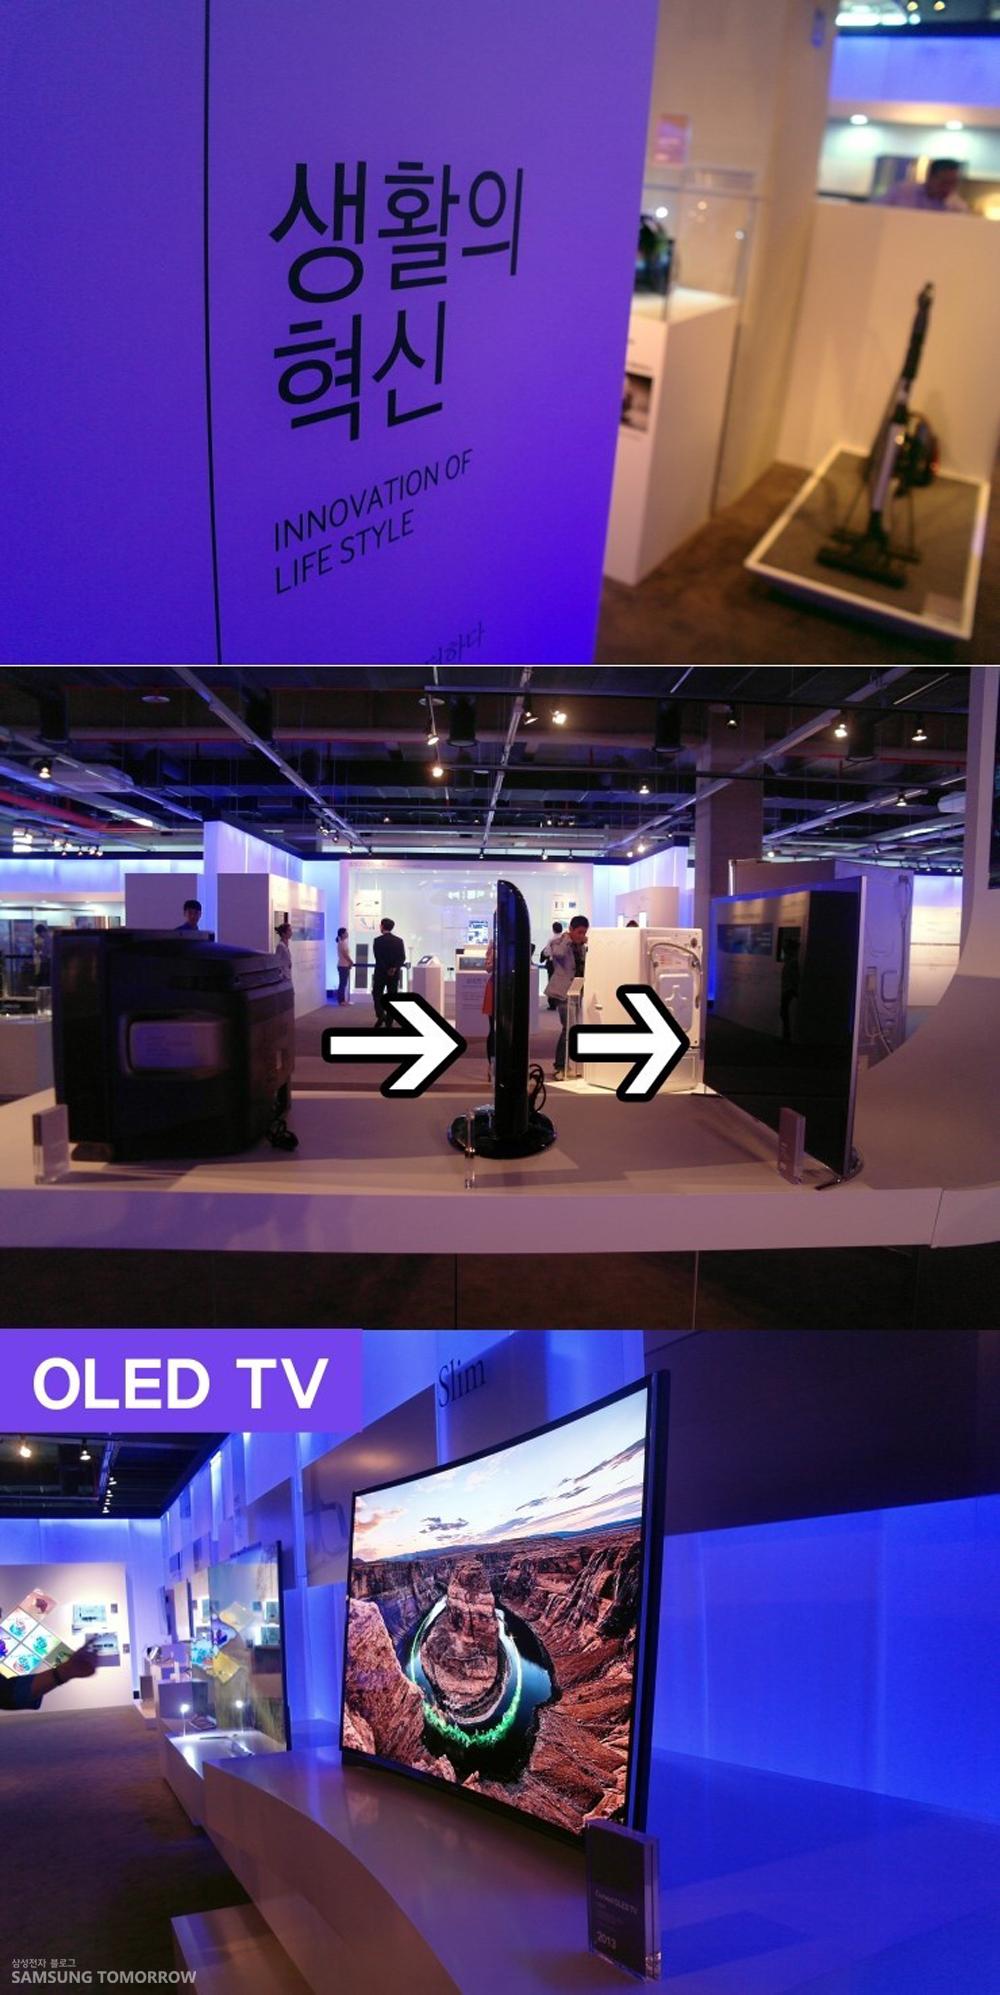 생활의 혁신 TV의 발전 과정입니다. 점점 얇아지는 TV. OLED TV 최근에 나온 TV입니다.